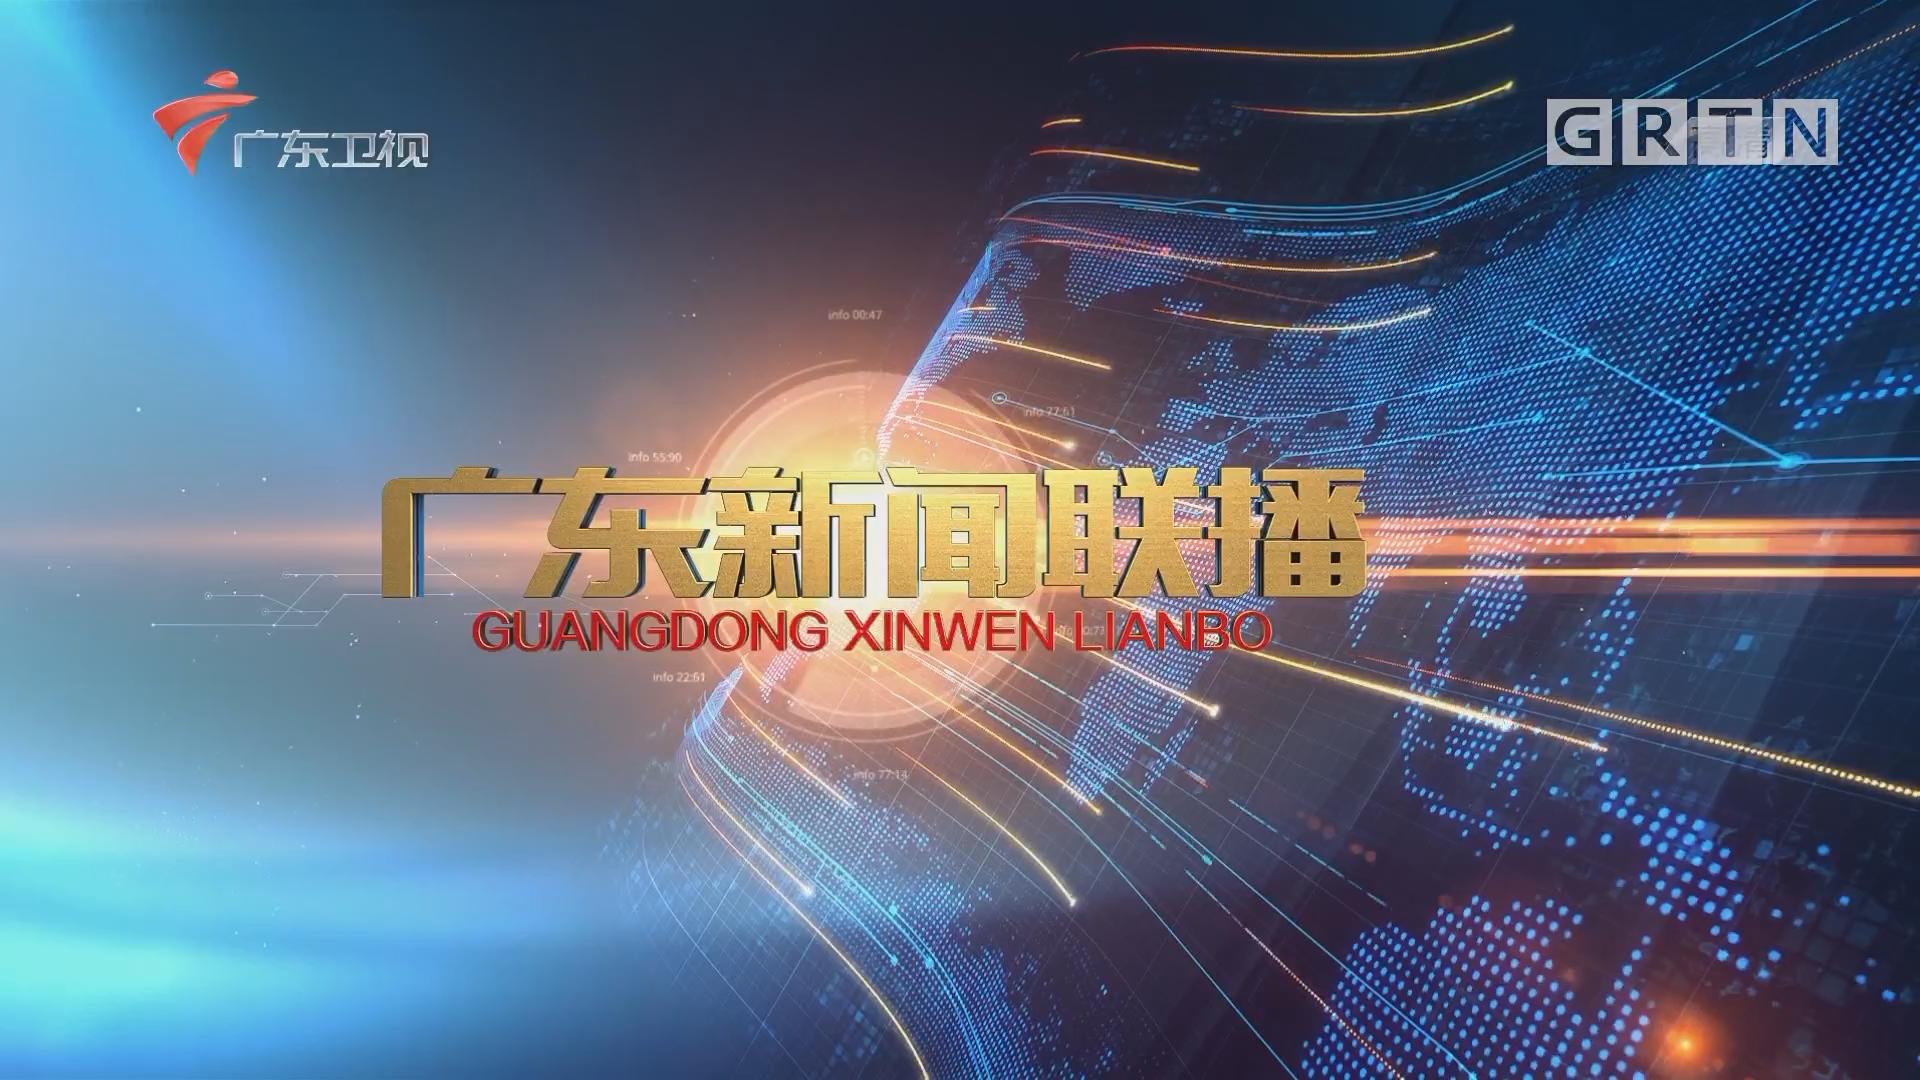 [HD][2018-05-13]广东新闻联播:广东地税:在全国首创电子税票 开启税票应用新时代